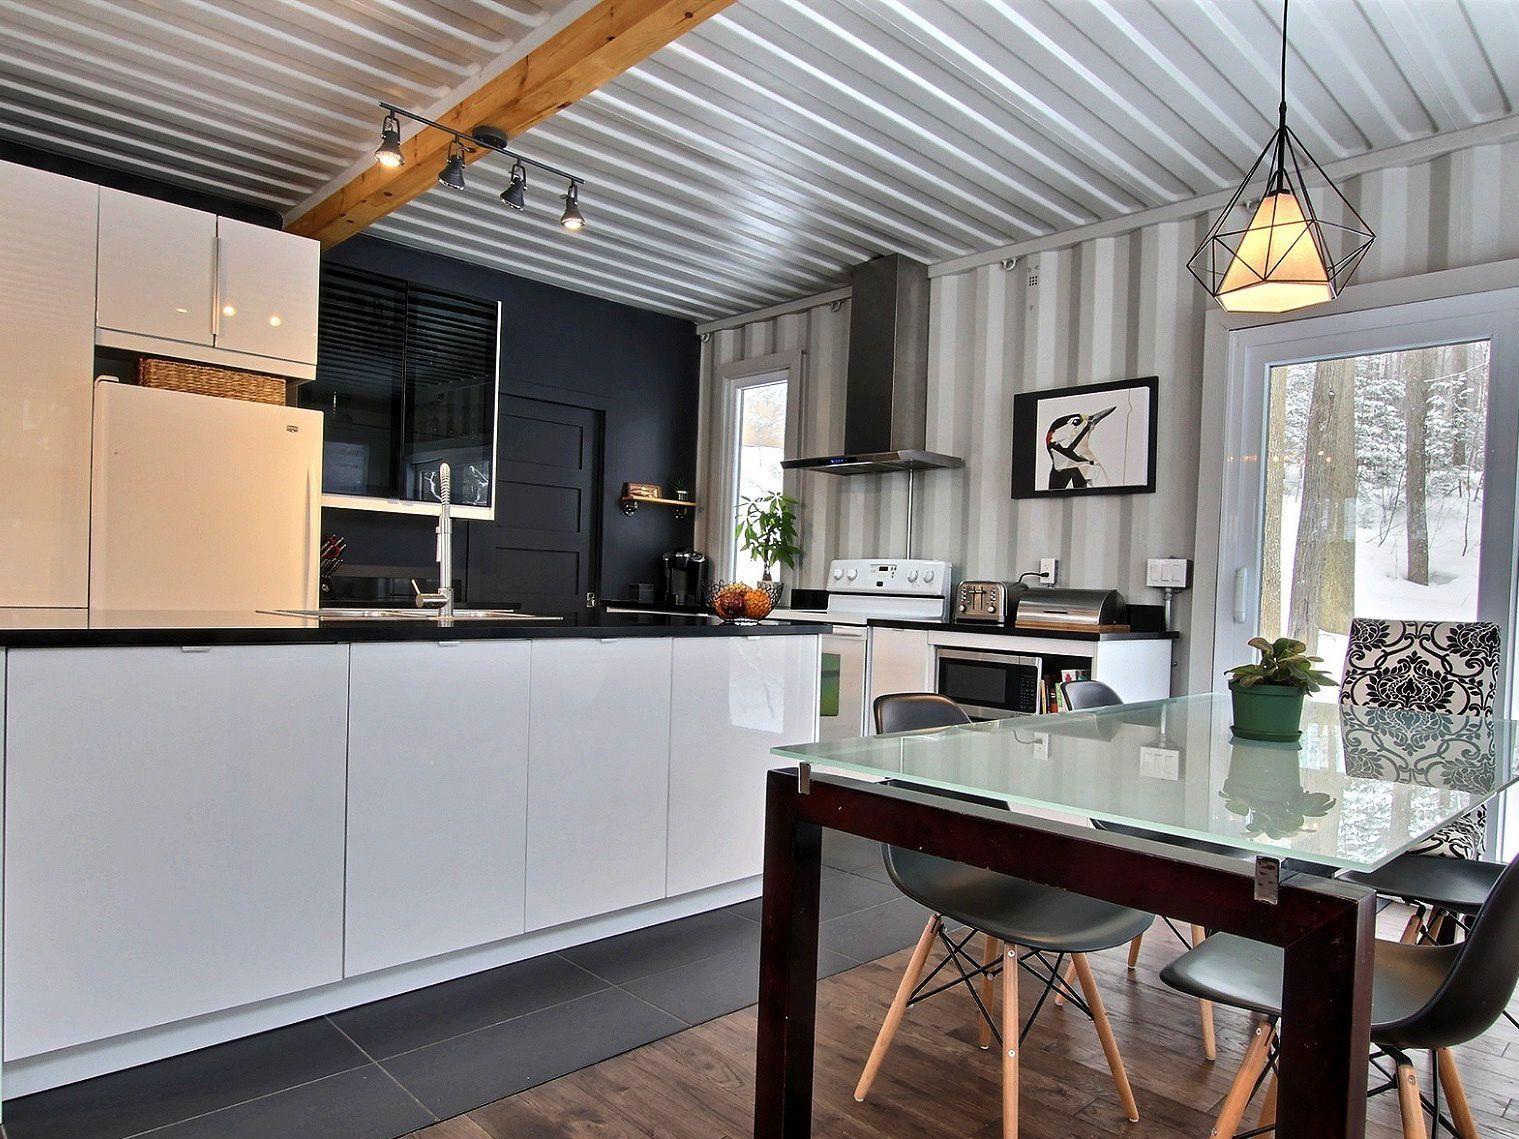 salle-a-manger-cuisine-maison-a-un-etage-et-demi-a-vendre-rigaud-quebec-province-1600-8478602.jpg